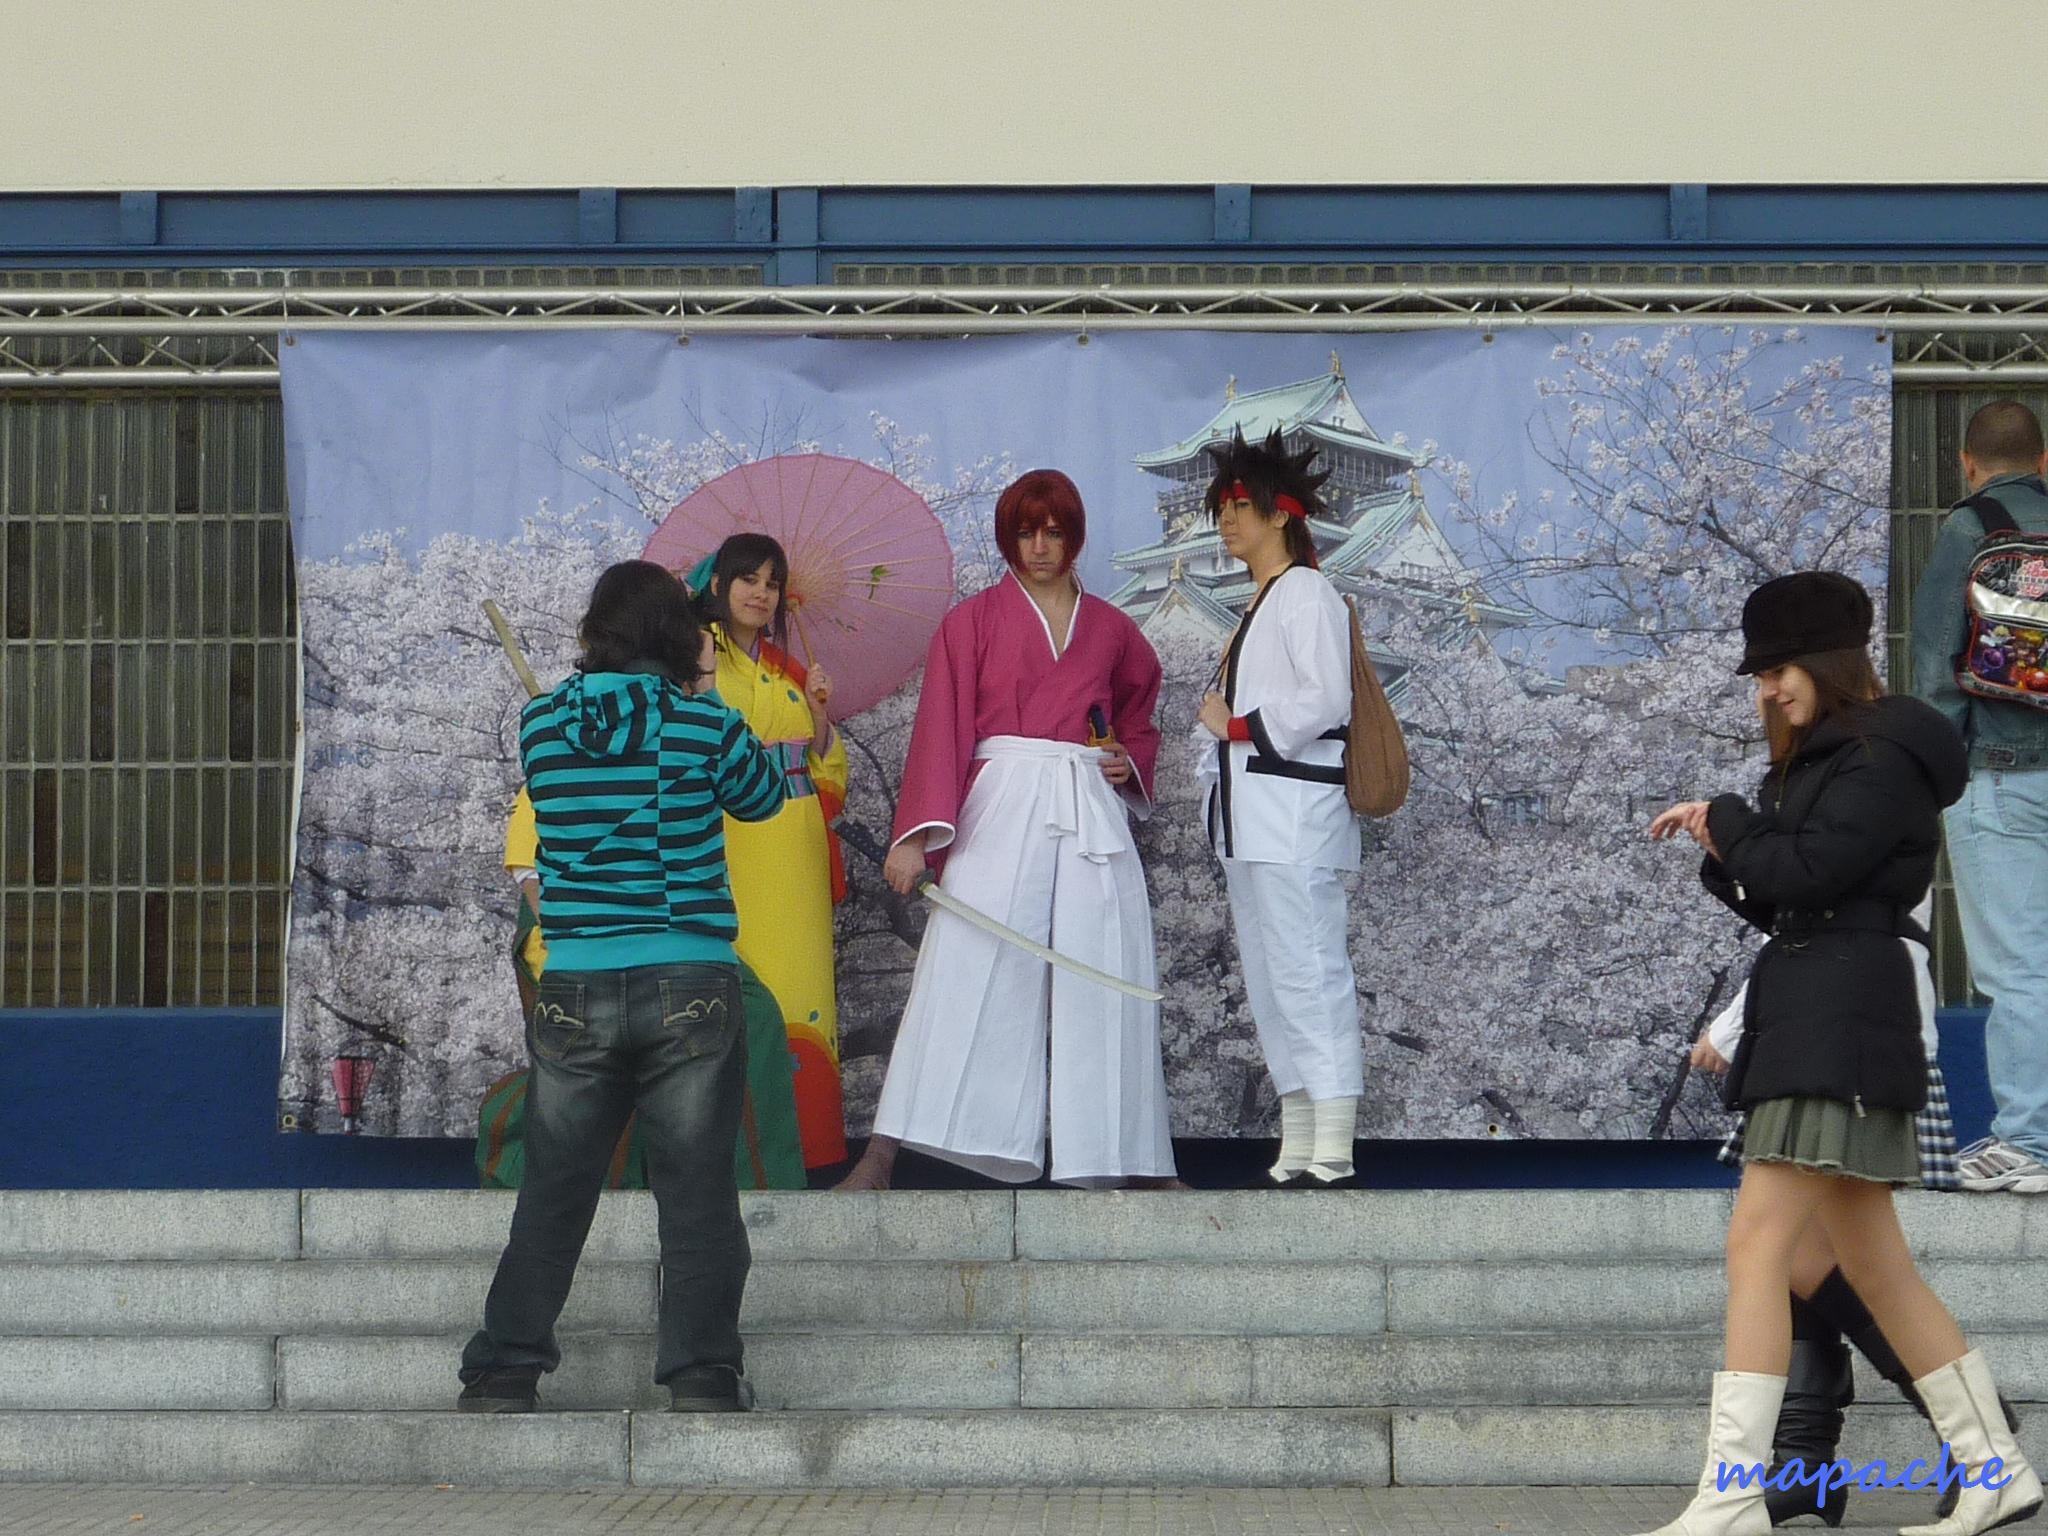 B 2010-02-14 010 Japanweekend